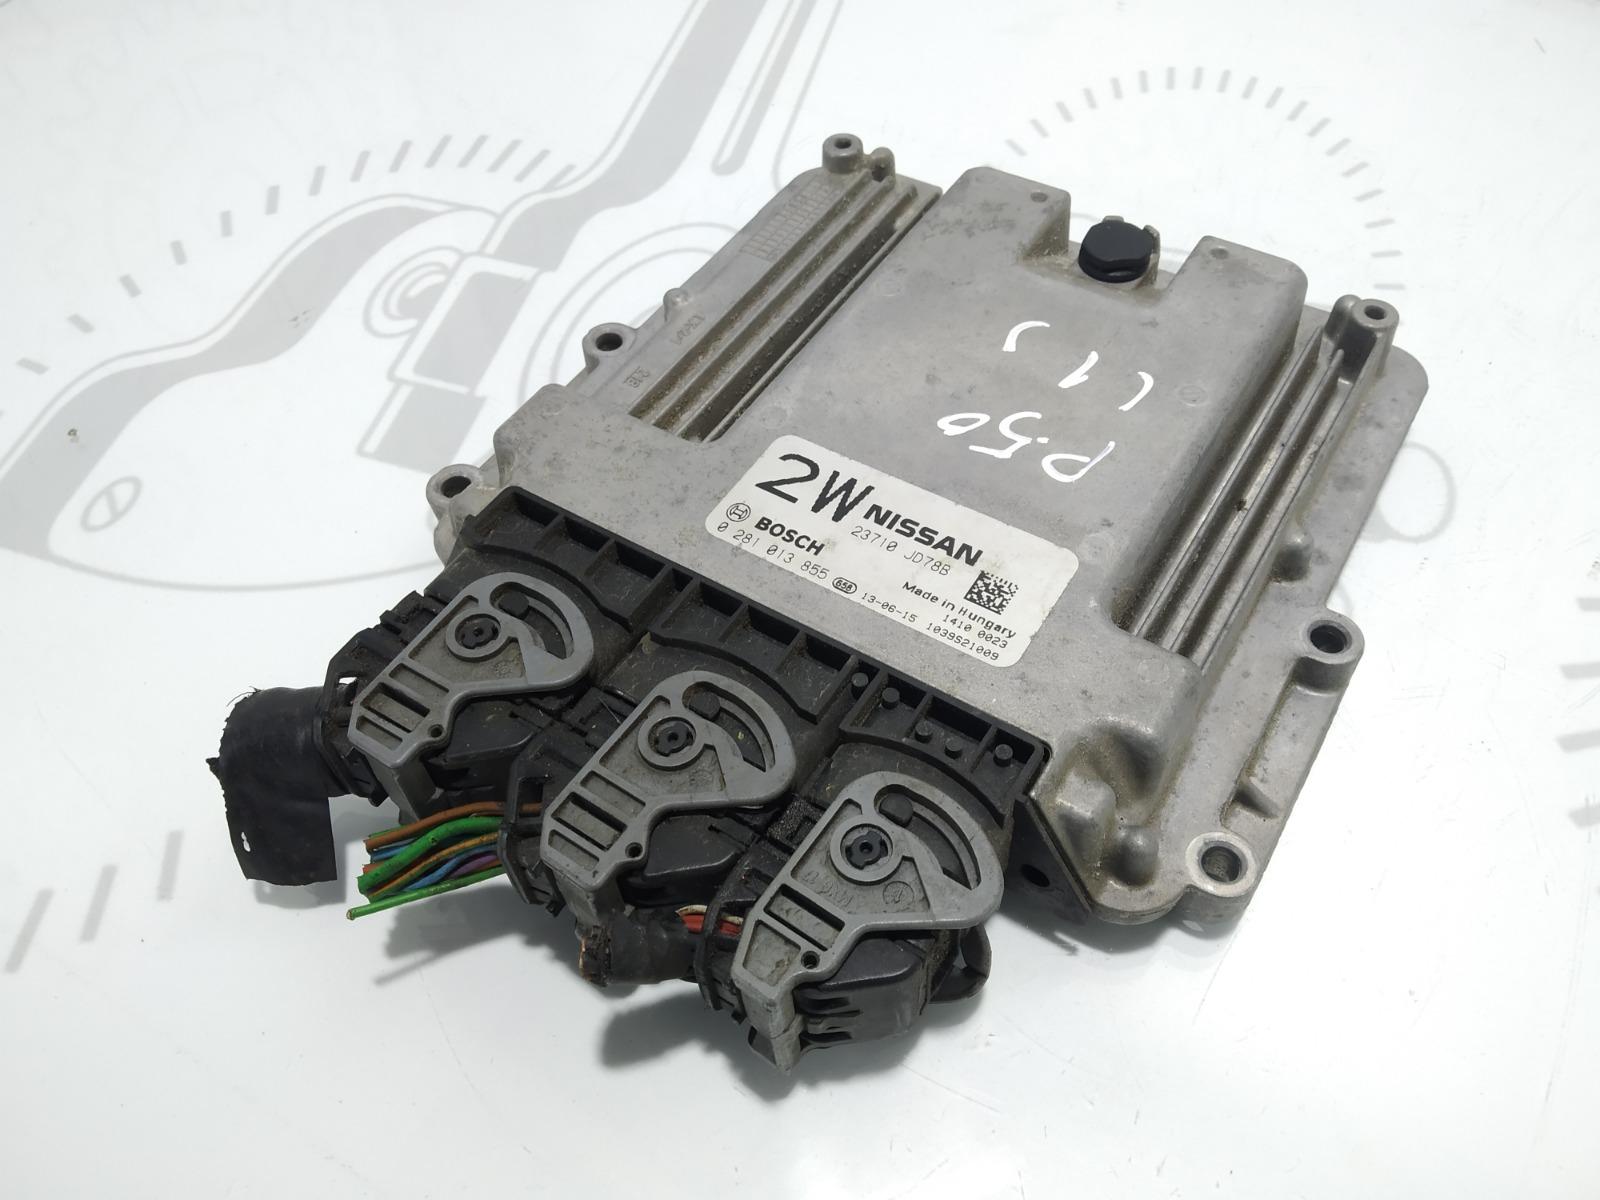 Блок управления двигателем Nissan Qashqai 2.0 DCI 2008 (б/у)